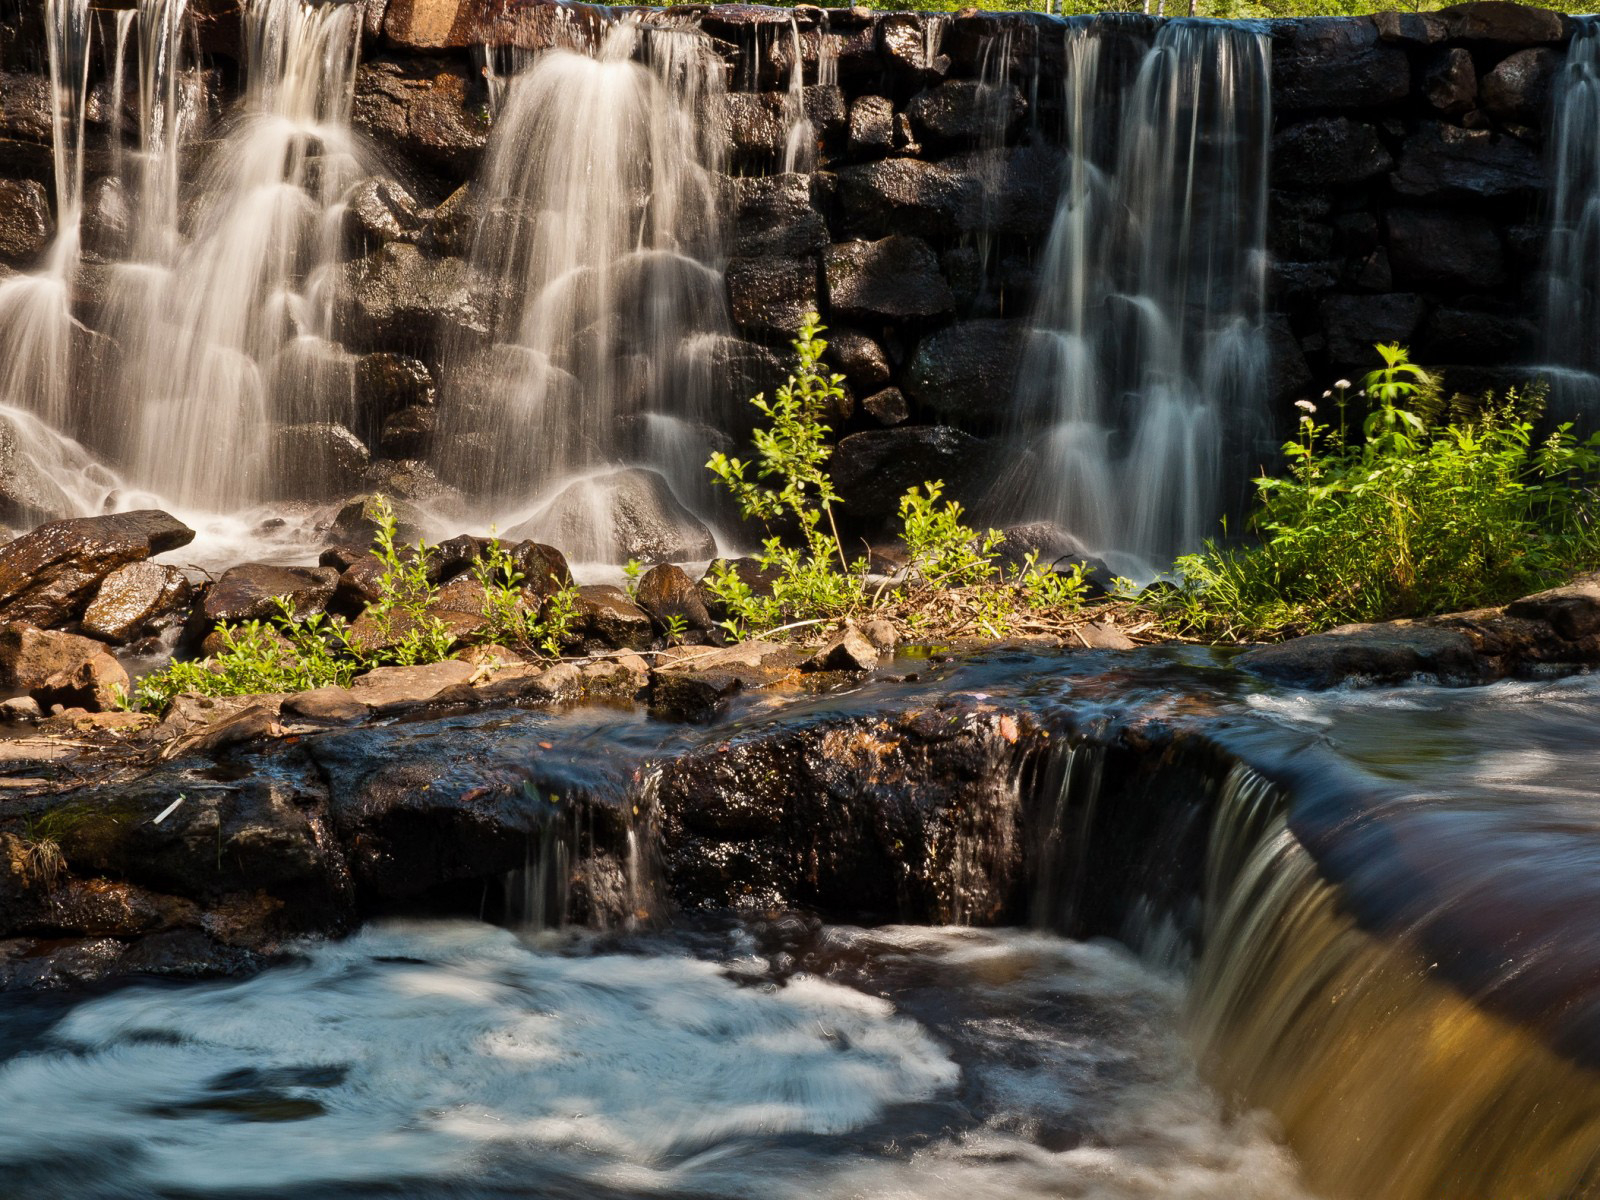 Falls in Sweden Desktop wallpapers 1600x1200 1600x1200